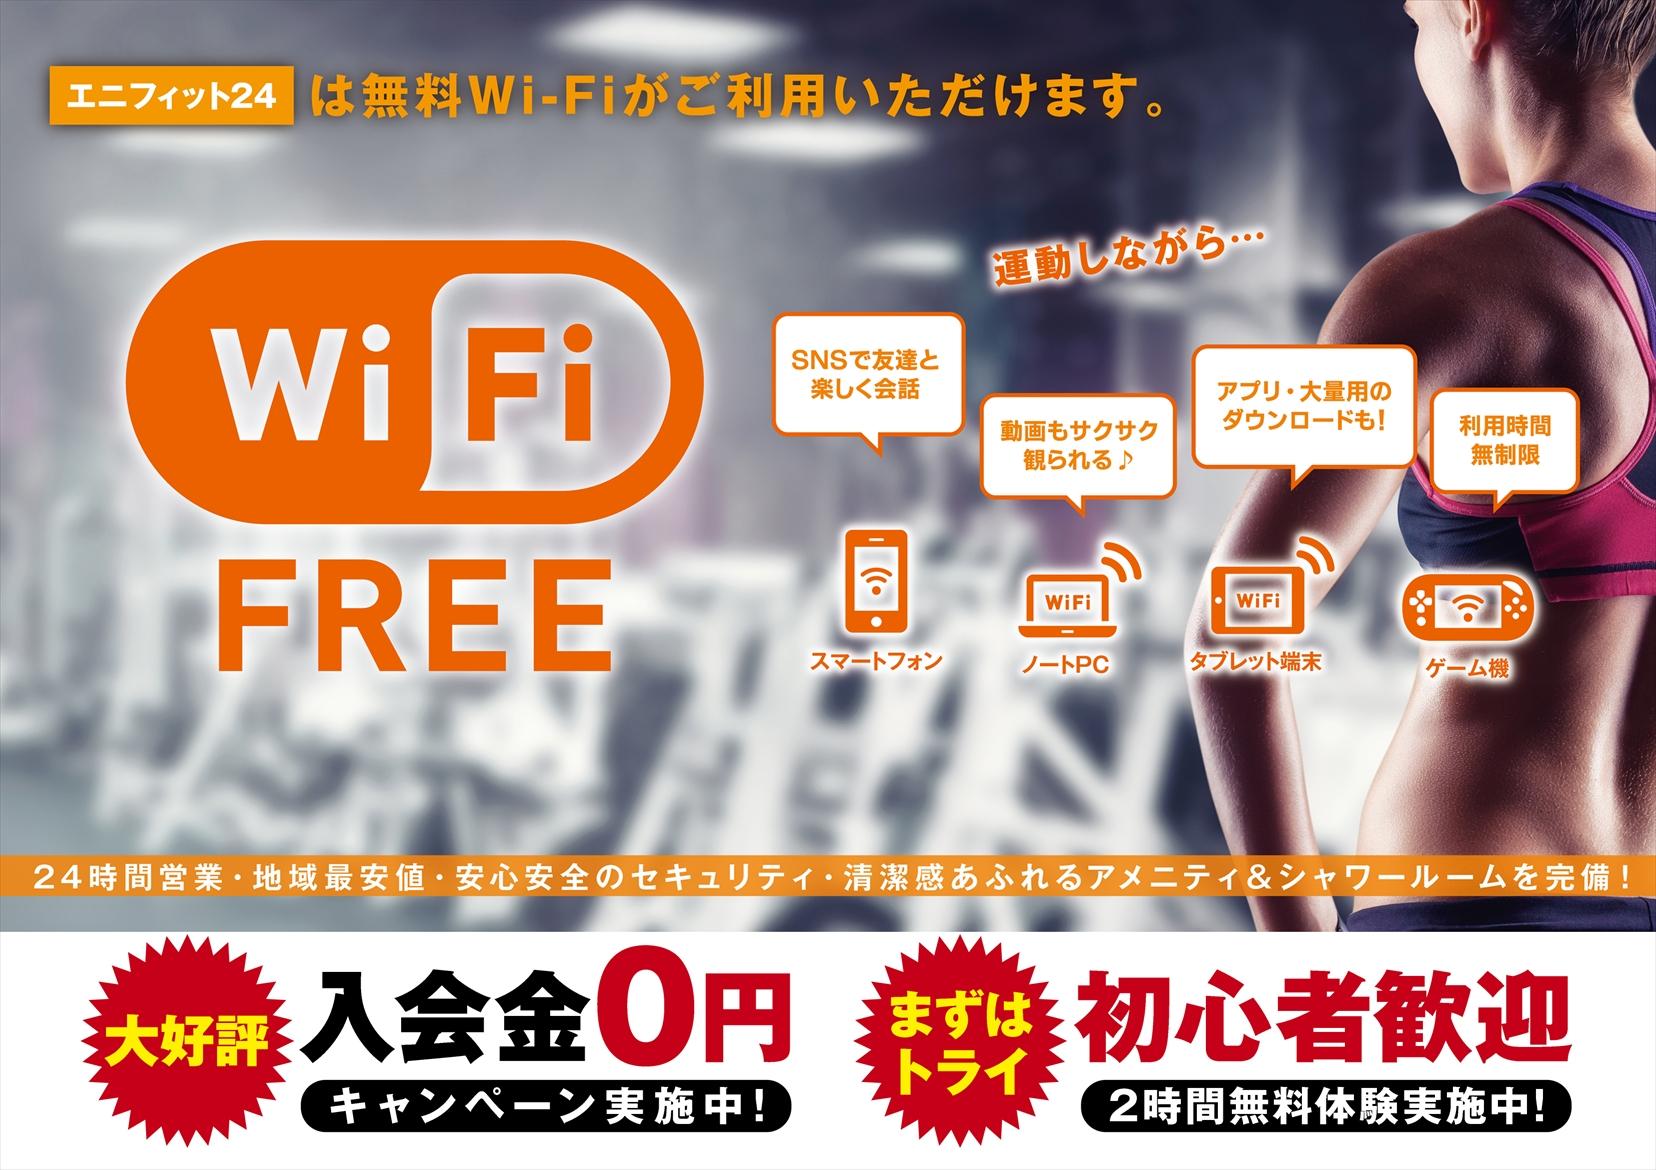 【全店共通】無料 Wi-Fi はじめました